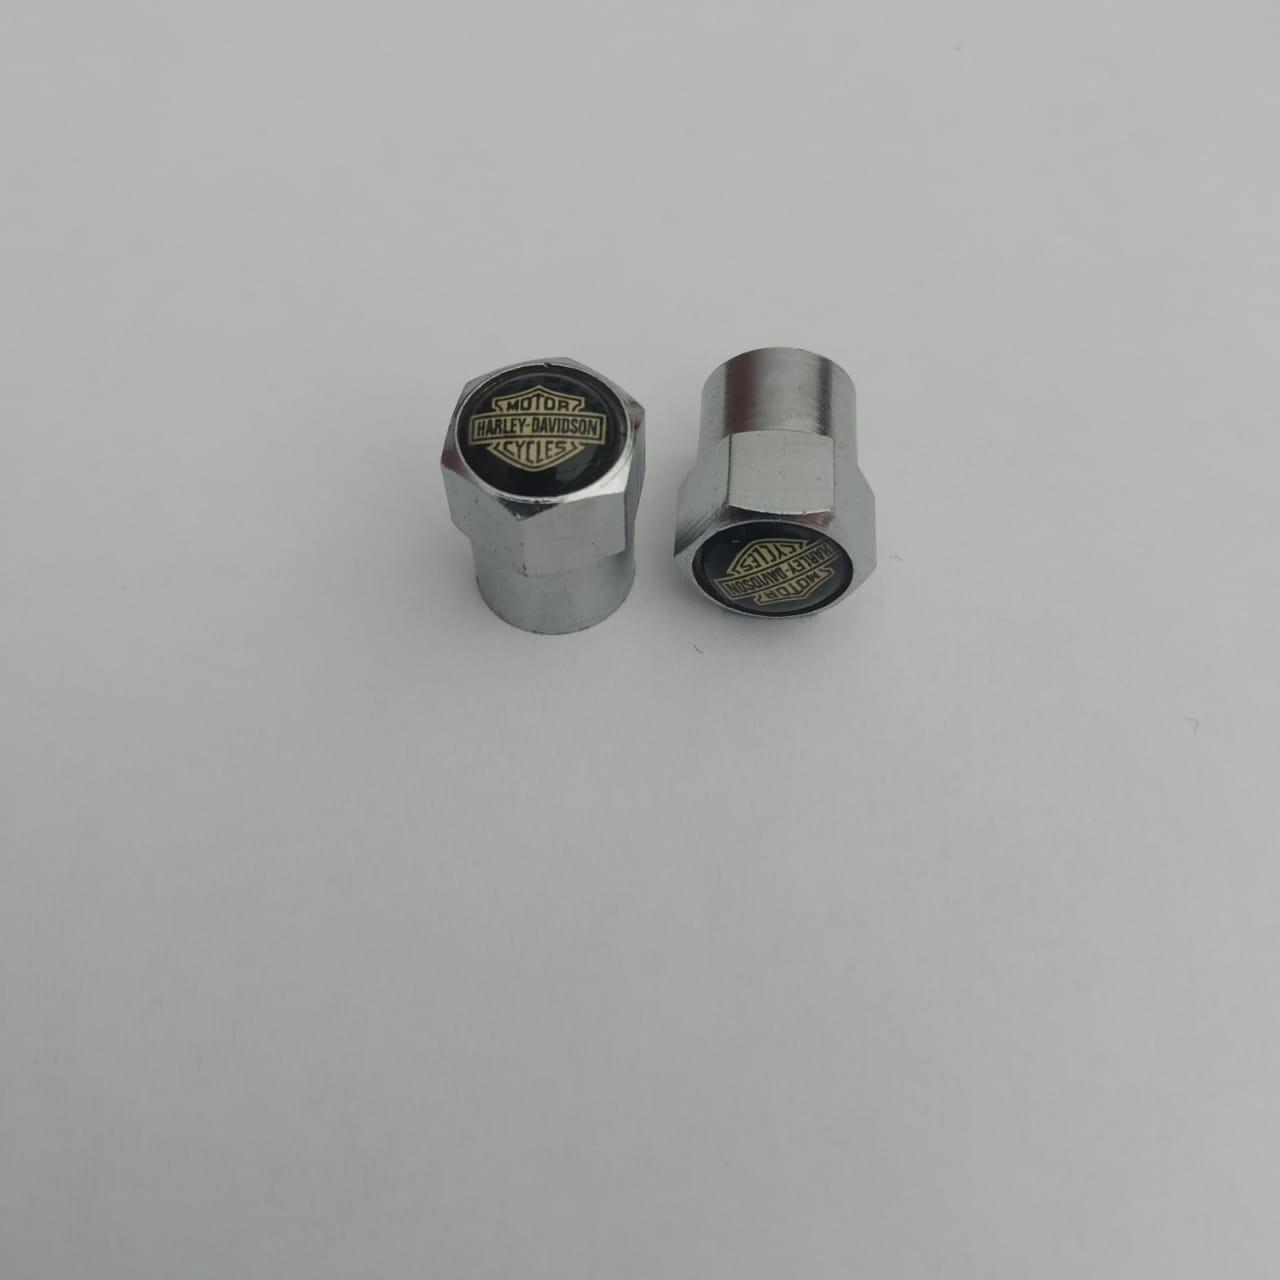 Bicos de Pneu - Modelo Bar & Shield Preto / Dourado - HD Original - Multifit - Par - 019/68006